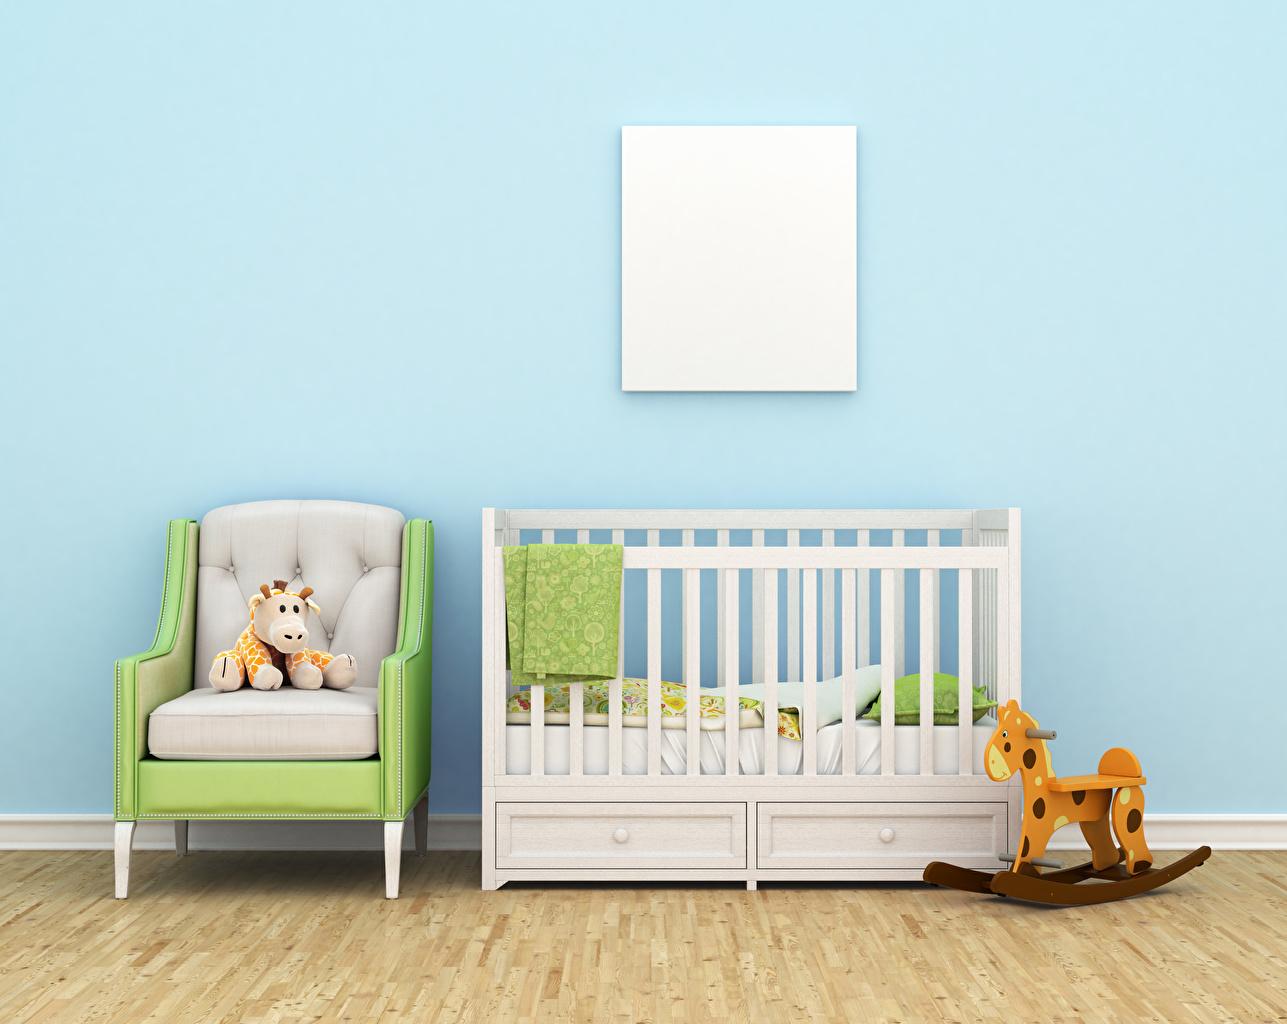 Картинки Детская комната Интерьер Кресло Кровать Игрушки Дизайн